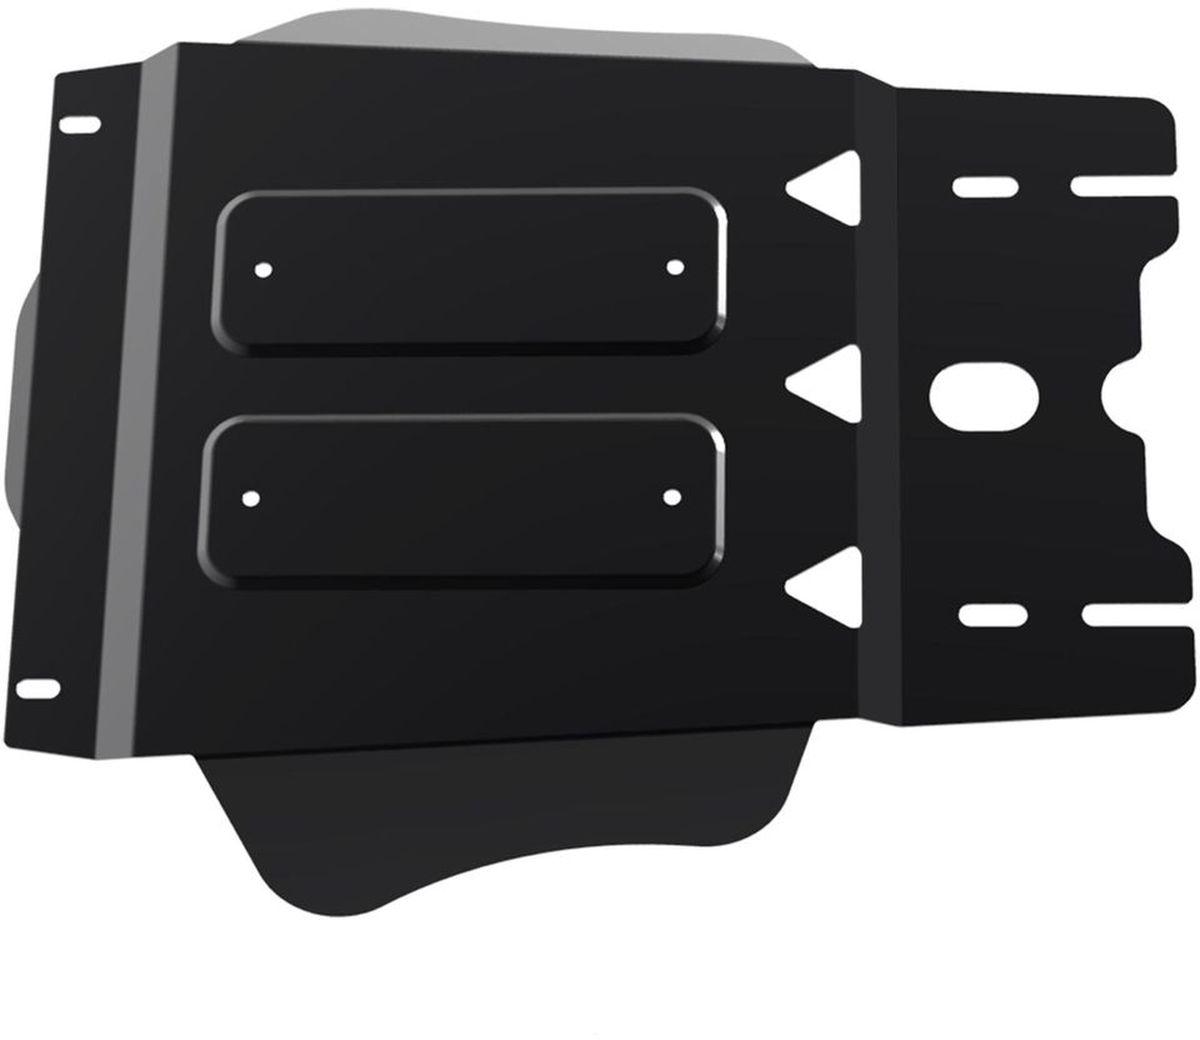 Защита КПП Автоброня Toyota Land Cruiser 120 Prado 2005-2009, сталь 2 мм111.05732.1Защита КПП Автоброня Toyota Land Cruiser 120 Prado 2005-2009, сталь 2 мм, комплект крепежа, 111.05732.1Дополнительно можно приобрести другие защитные элементы из комплекта: защита картера - 1.05731.1Стальные защиты Автоброня надежно защищают ваш автомобиль от повреждений при наезде на бордюры, выступающие канализационные люки, кромки поврежденного асфальта или при ремонте дорог, не говоря уже о загородных дорогах.- Имеют оптимальное соотношение цена-качество.- Спроектированы с учетом особенностей автомобиля, что делает установку удобной.- Защита устанавливается в штатные места кузова автомобиля.- Является надежной защитой для важных элементов на протяжении долгих лет.- Глубокий штамп дополнительно усиливает конструкцию защиты.- Подштамповка в местах крепления защищает крепеж от срезания.- Технологические отверстия там, где они необходимы для смены масла и слива воды, оборудованные заглушками, закрепленными на защите.Толщина стали 2 мм.В комплекте крепеж и инструкция по установке.Уважаемые клиенты!Обращаем ваше внимание на тот факт, что защита имеет форму, соответствующую модели данного автомобиля. Наличие глубокого штампа и лючков для смены фильтров/масла предусмотрено не на всех защитах. Фото служит для визуального восприятия товара.